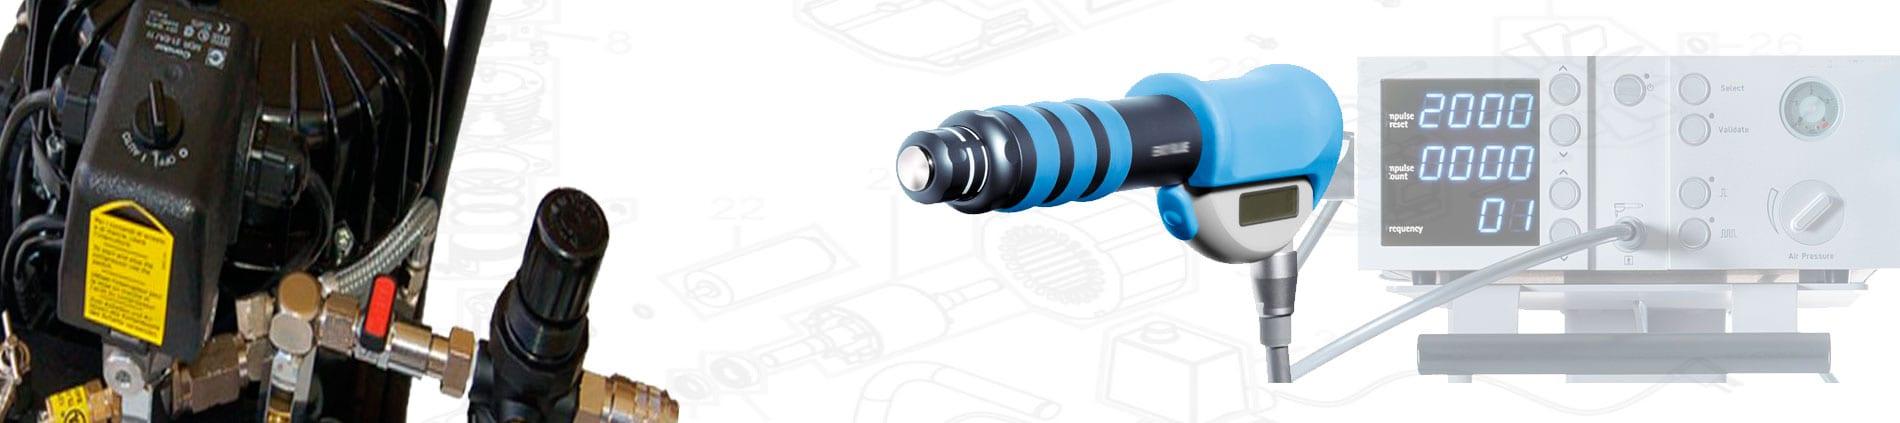 """Kompressor für SWISS DOLORCLAST® """"CLASSIC"""": Das originale Gerät für radiale Stosswellen, das seit 1999 neue Standards für die Behandlungen von Tendopathien und Verkalkungen setzt."""